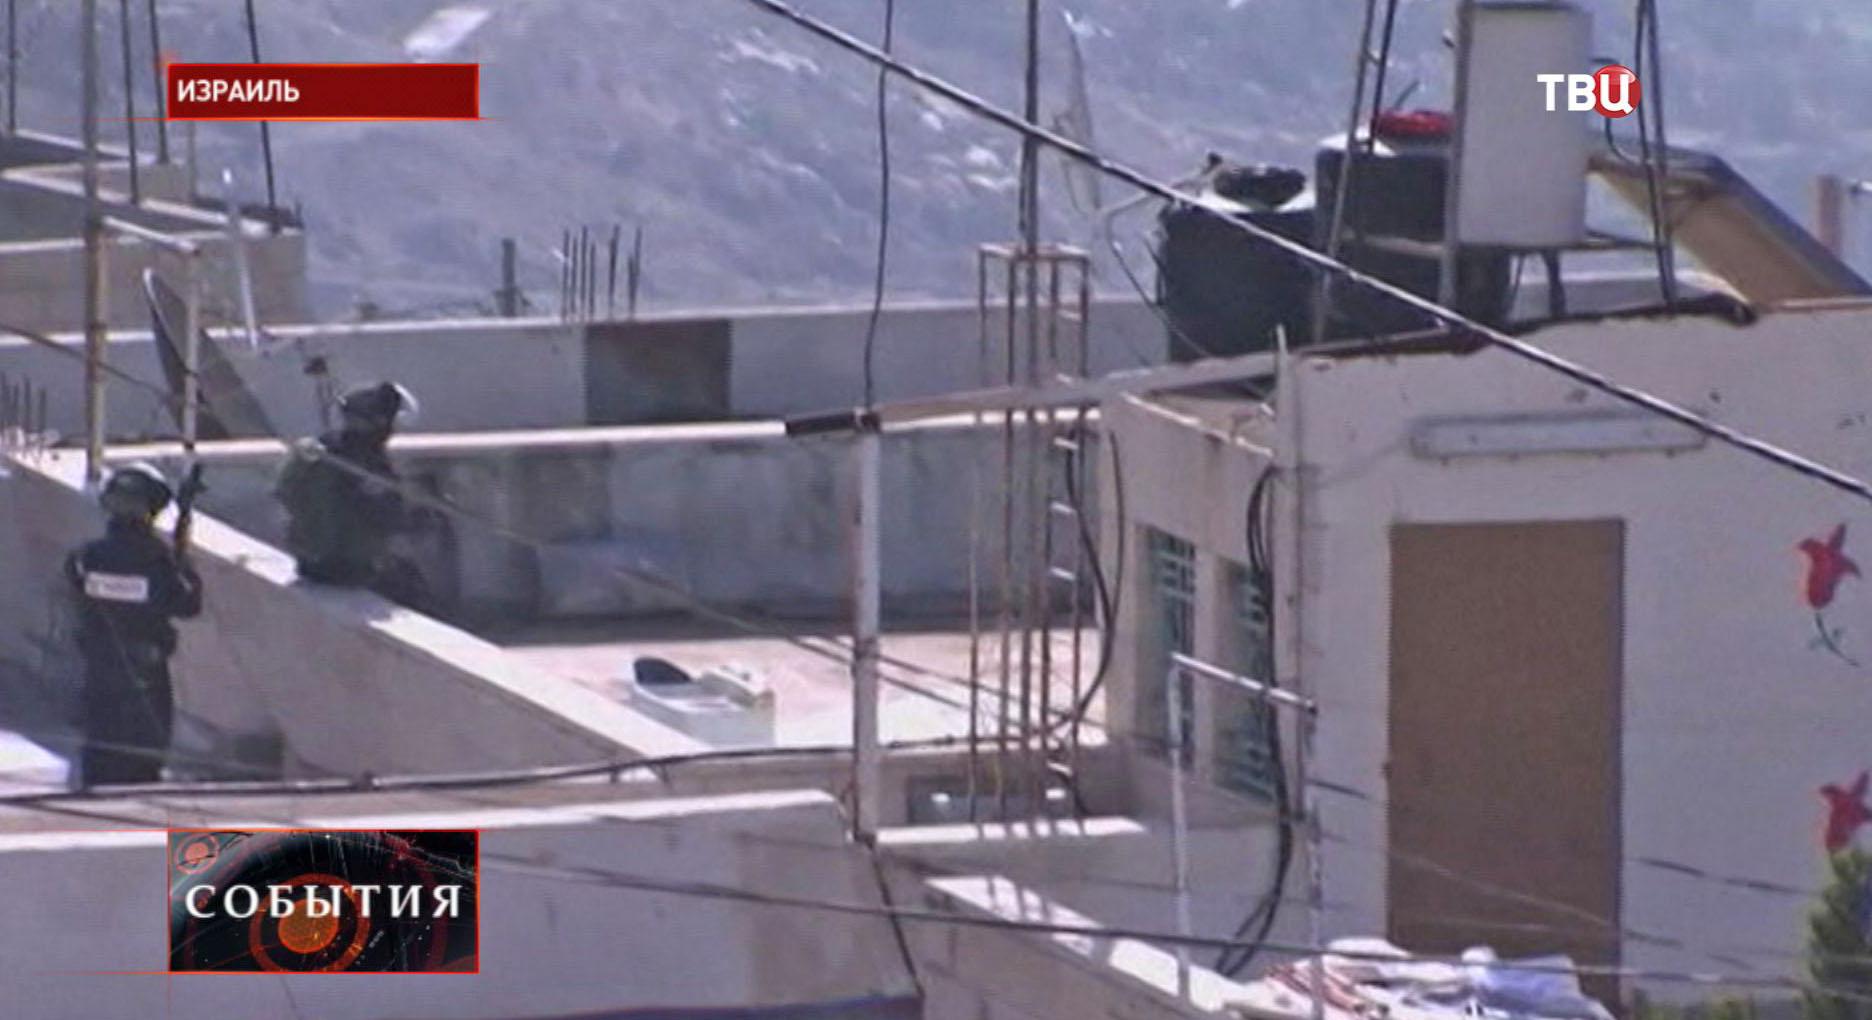 Боевые действия в Израиле